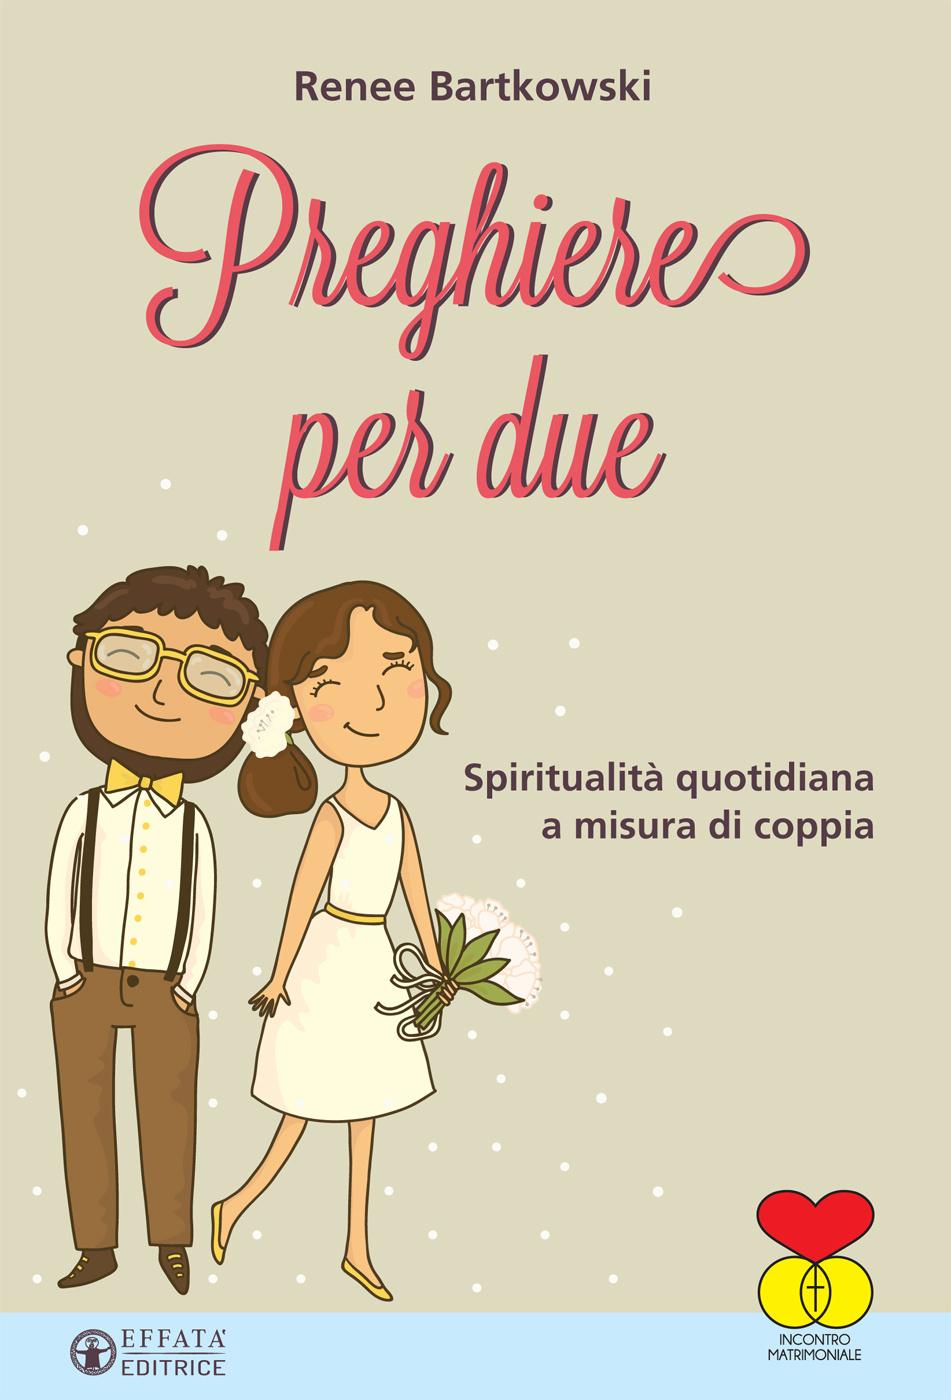 Anniversario Matrimonio Preghiere.Libro Preghiere Per Due Di Renee Bartkowski Effata Editrice